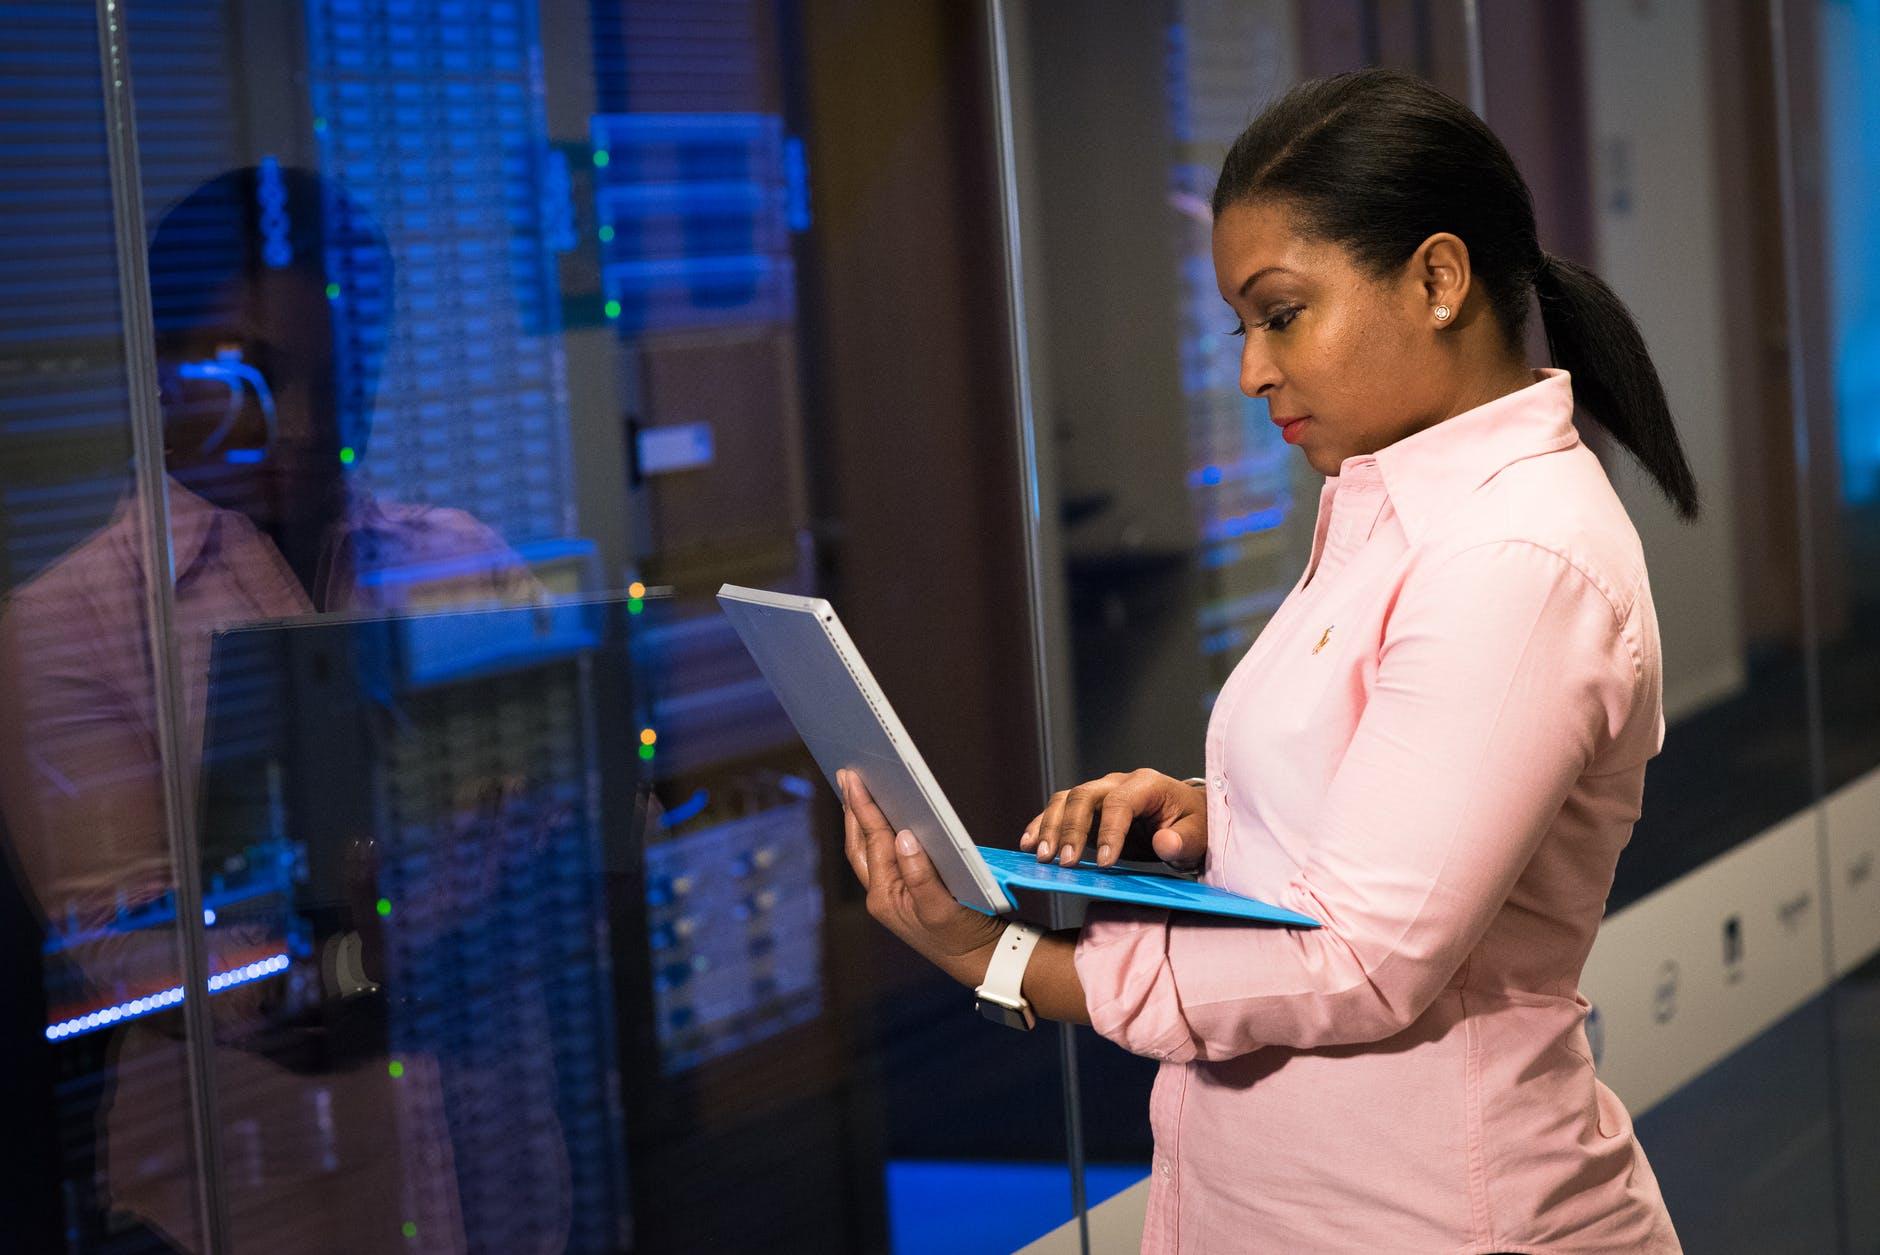 mulher jovem com um notebook em mãos. Ao fundo, ambiente industrial.